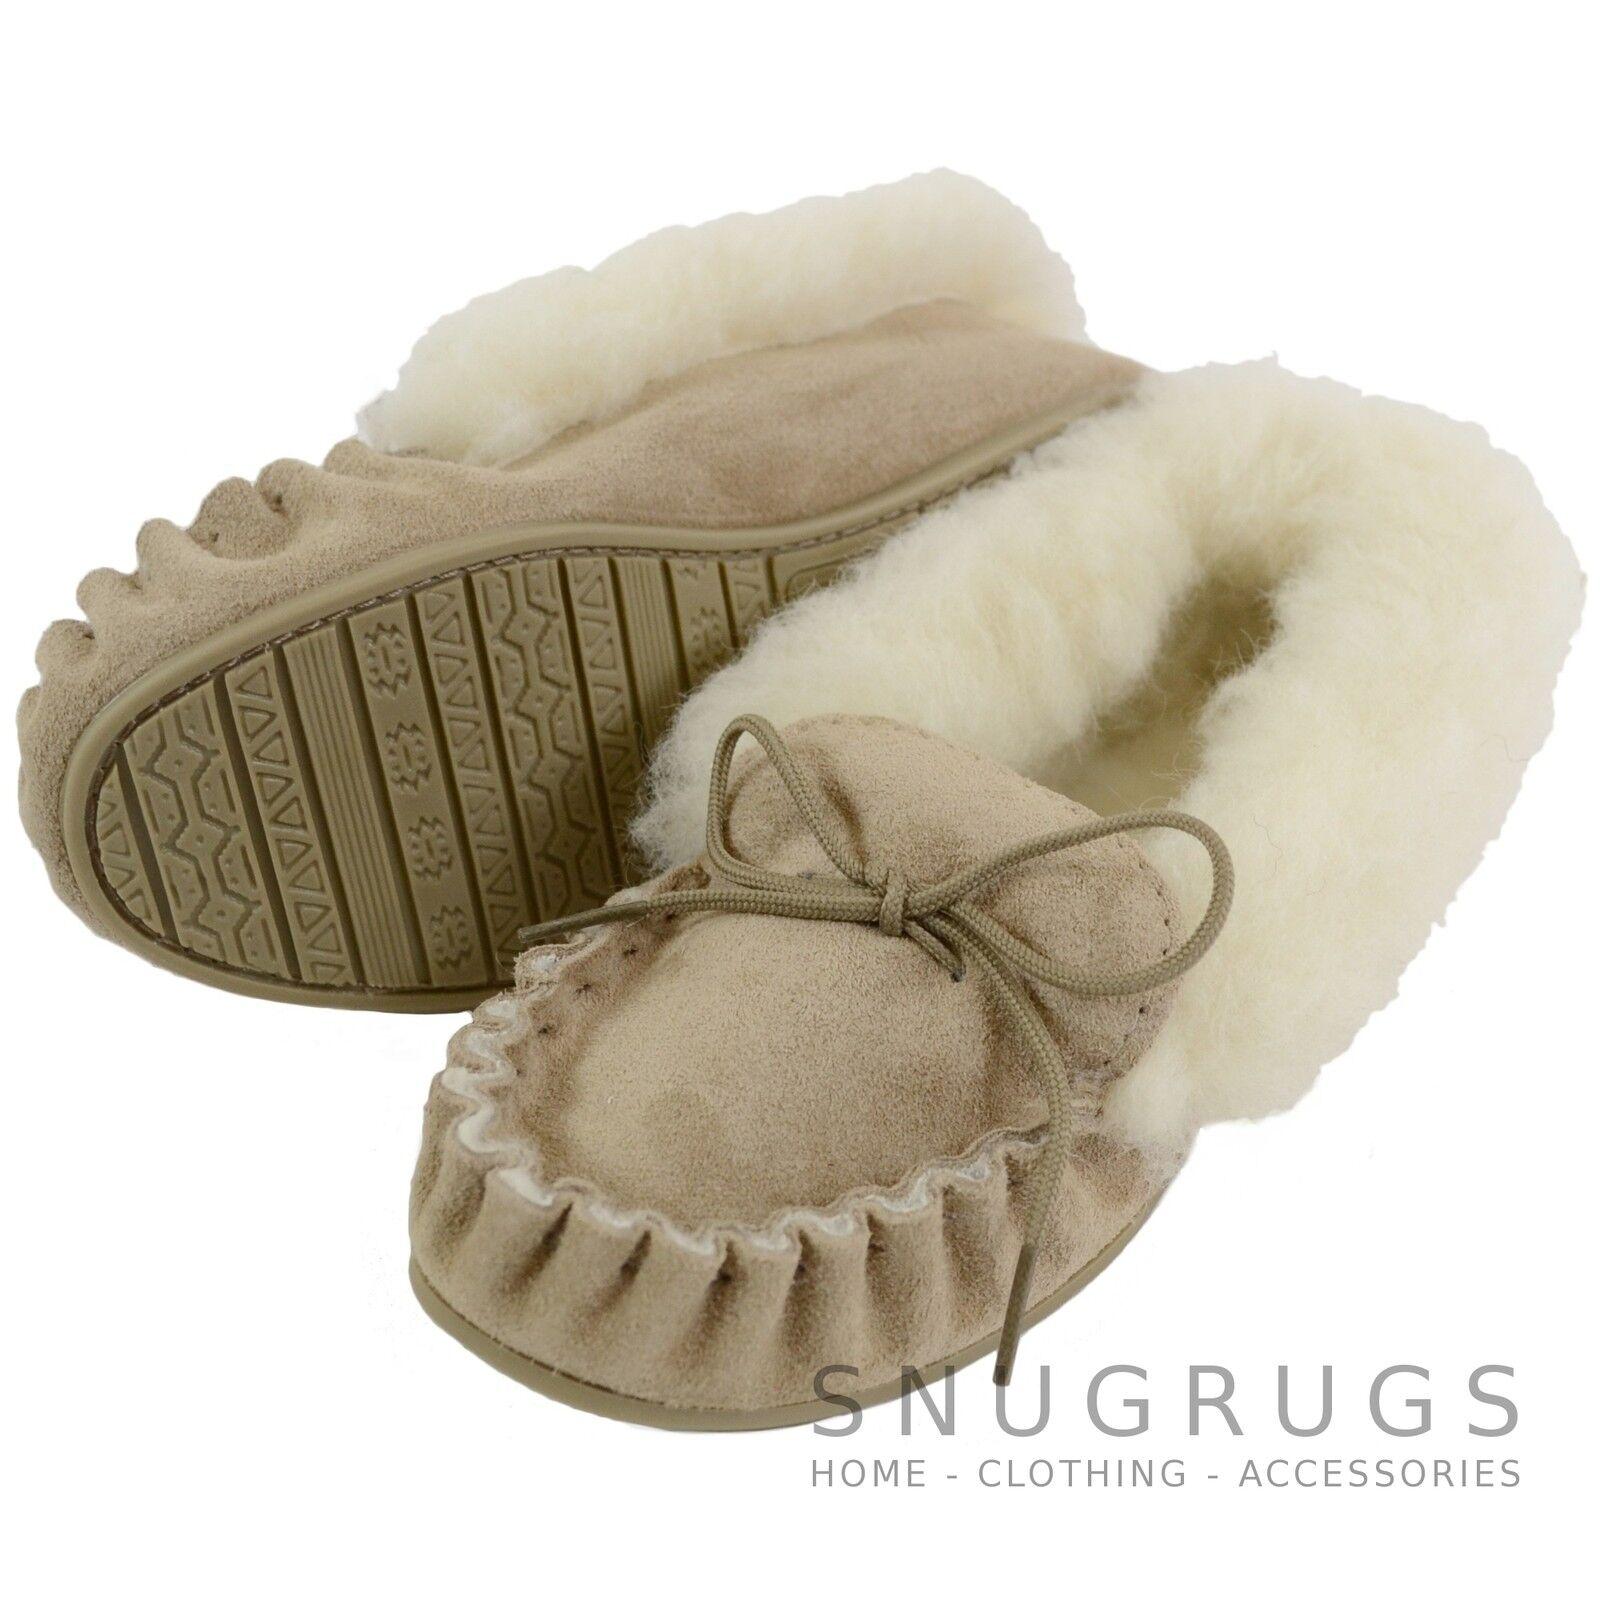 LADIES SHEEPSKIN WOOL MOCCASIN SLIPPER HARD SOLE WOOL CUFF BEIGE - MADE IN UK